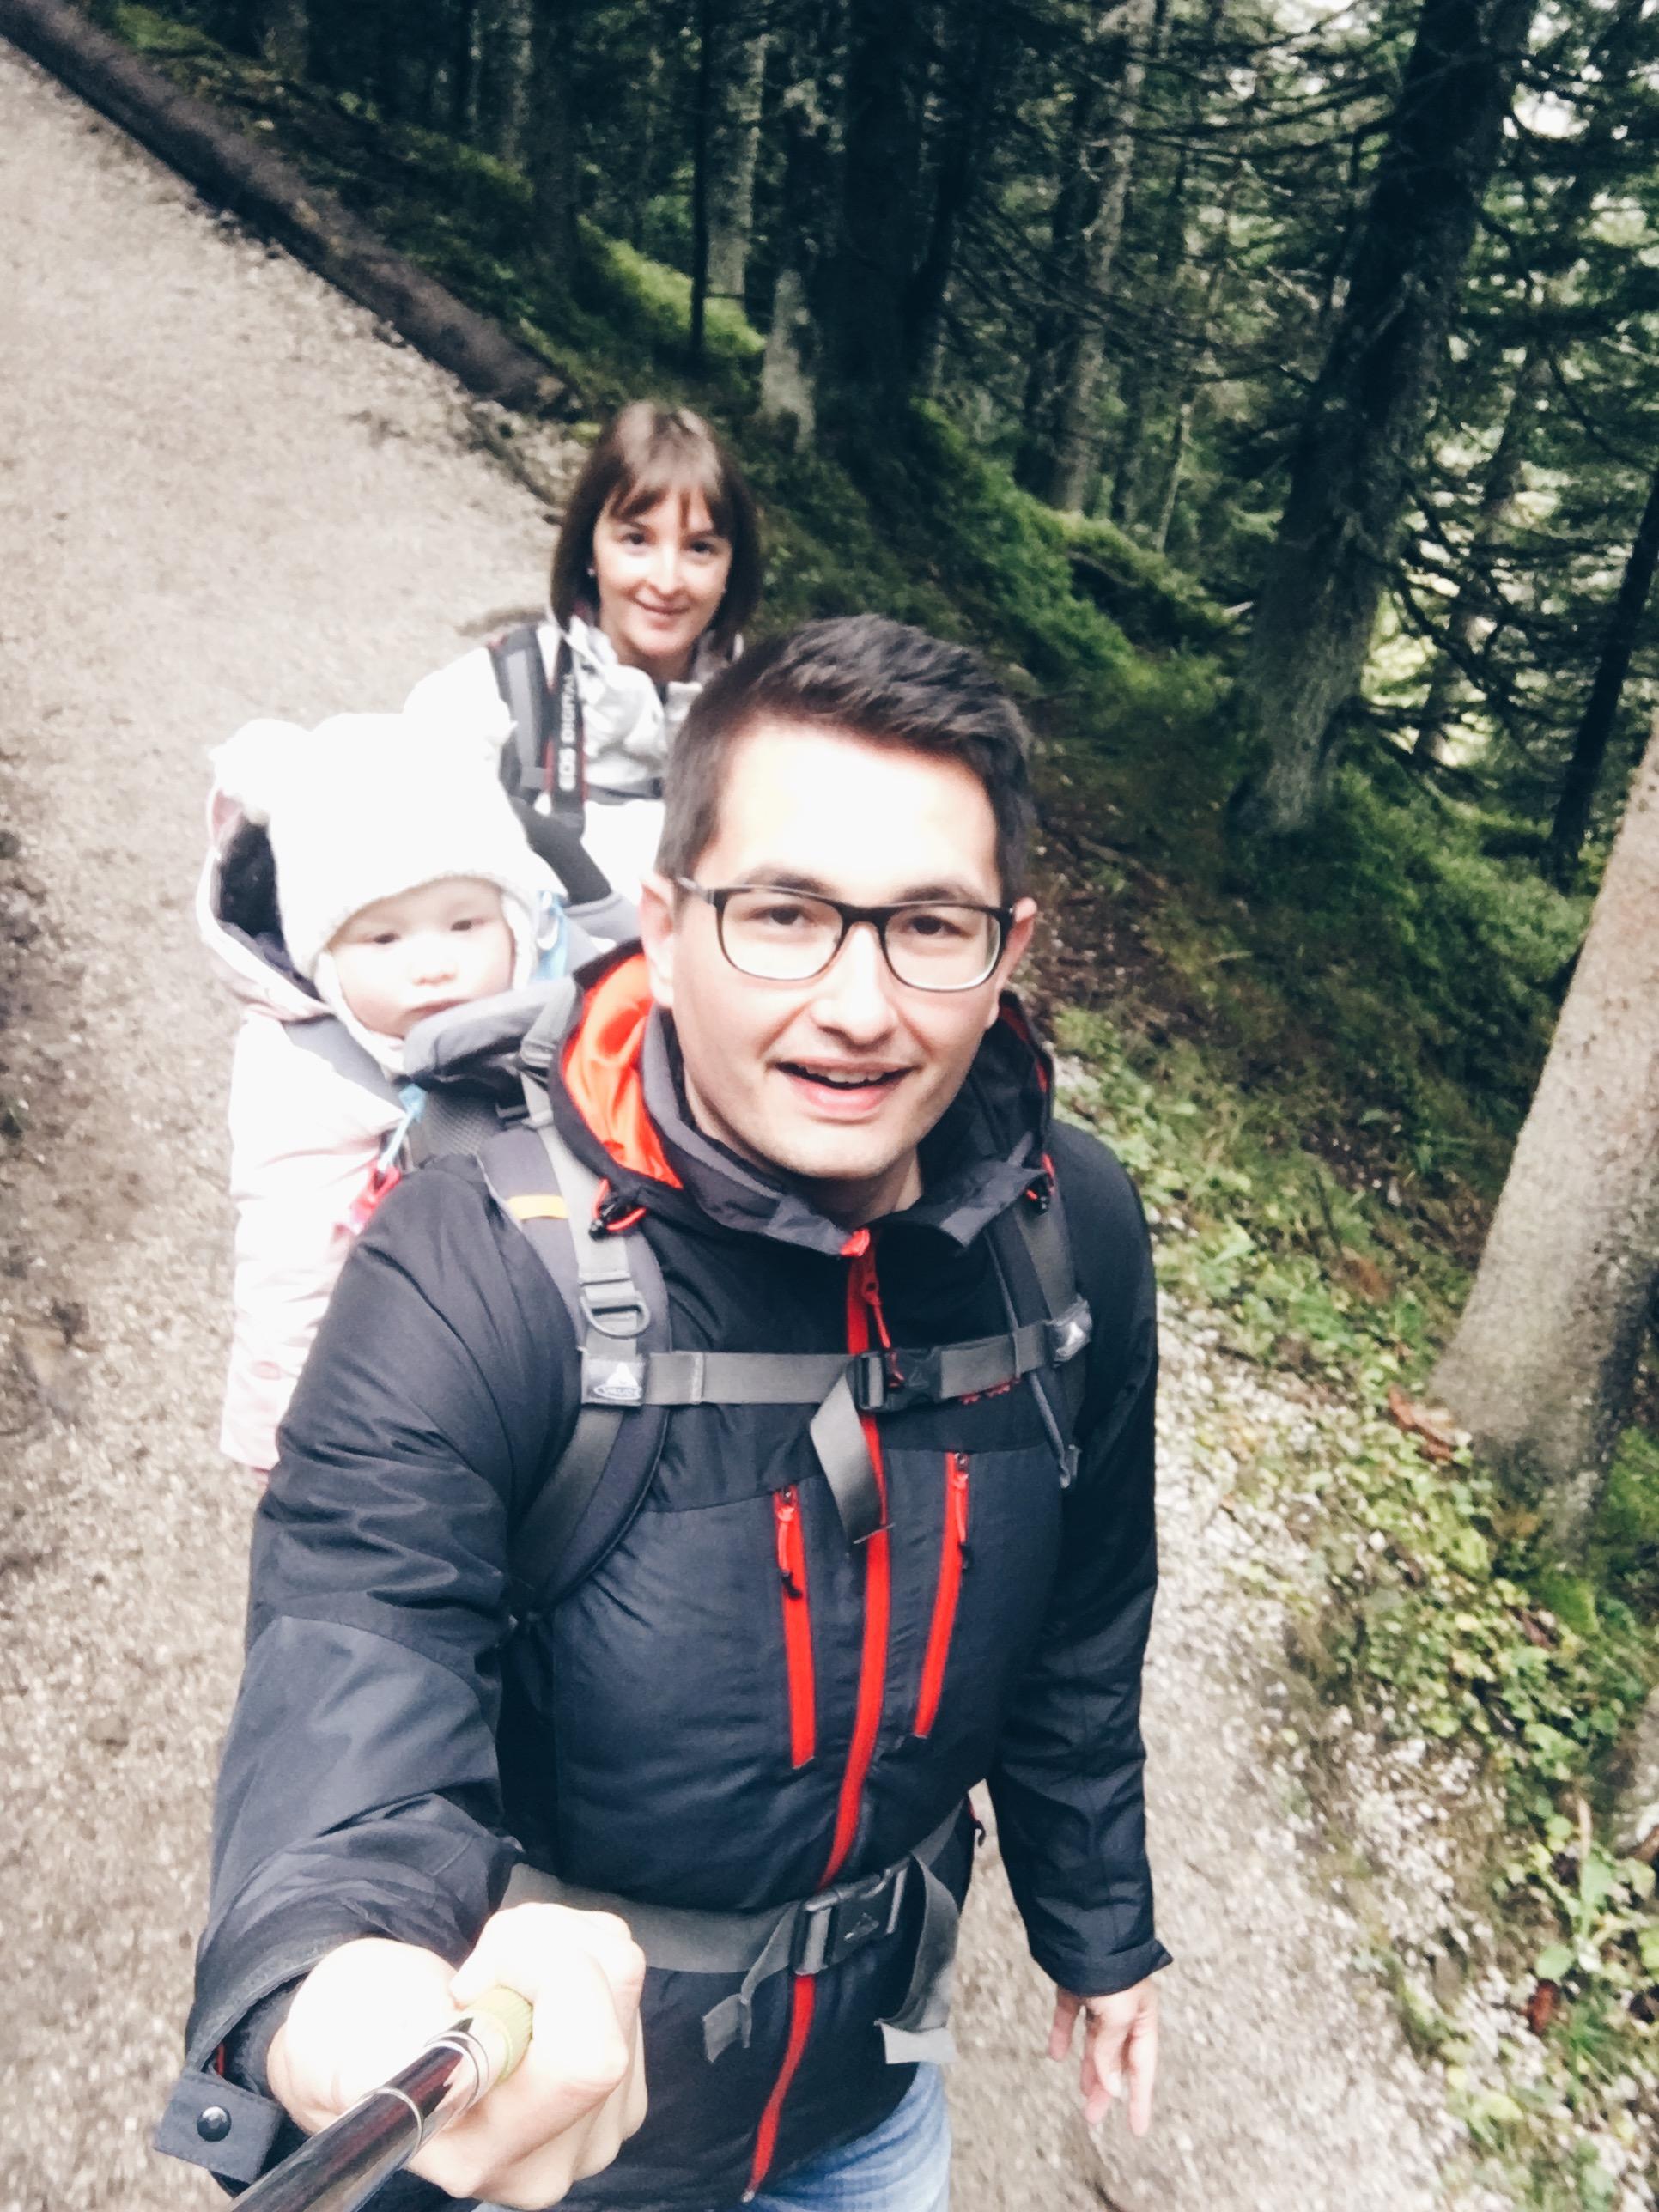 Oostenrijk family hike